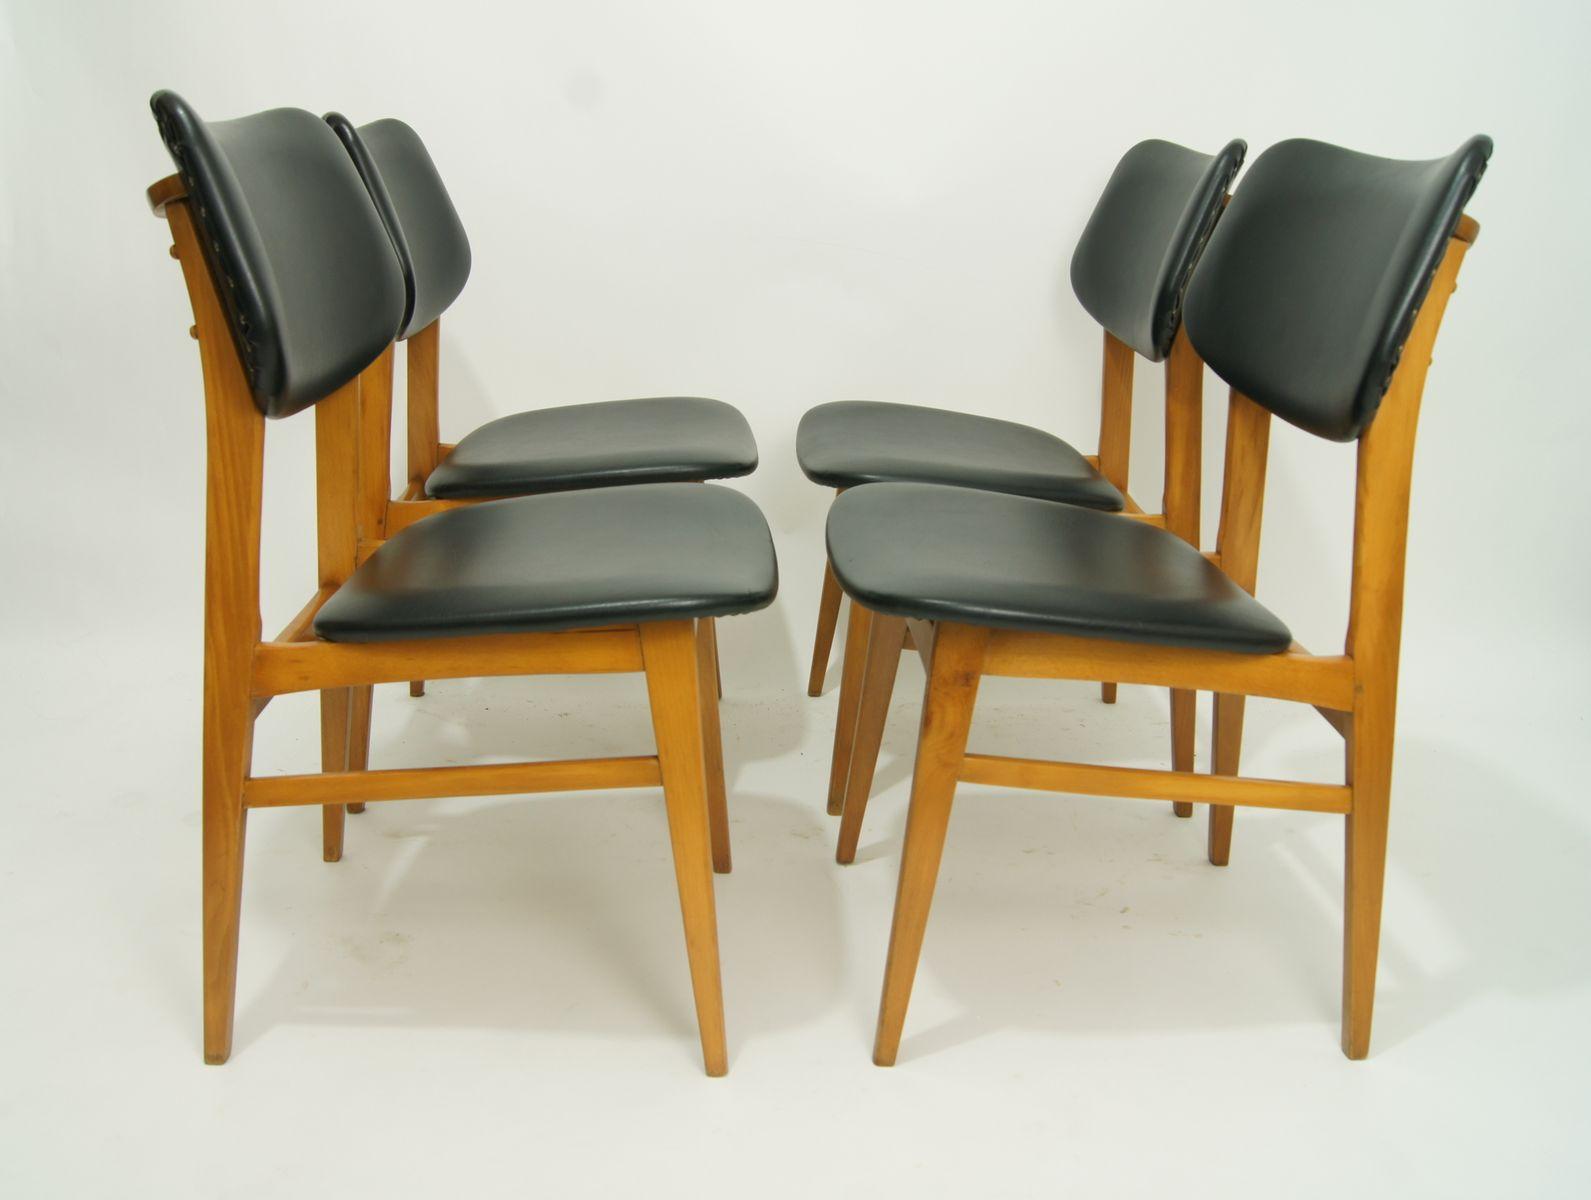 deutsche mid century st hle 1960er 4er set bei pamono kaufen. Black Bedroom Furniture Sets. Home Design Ideas